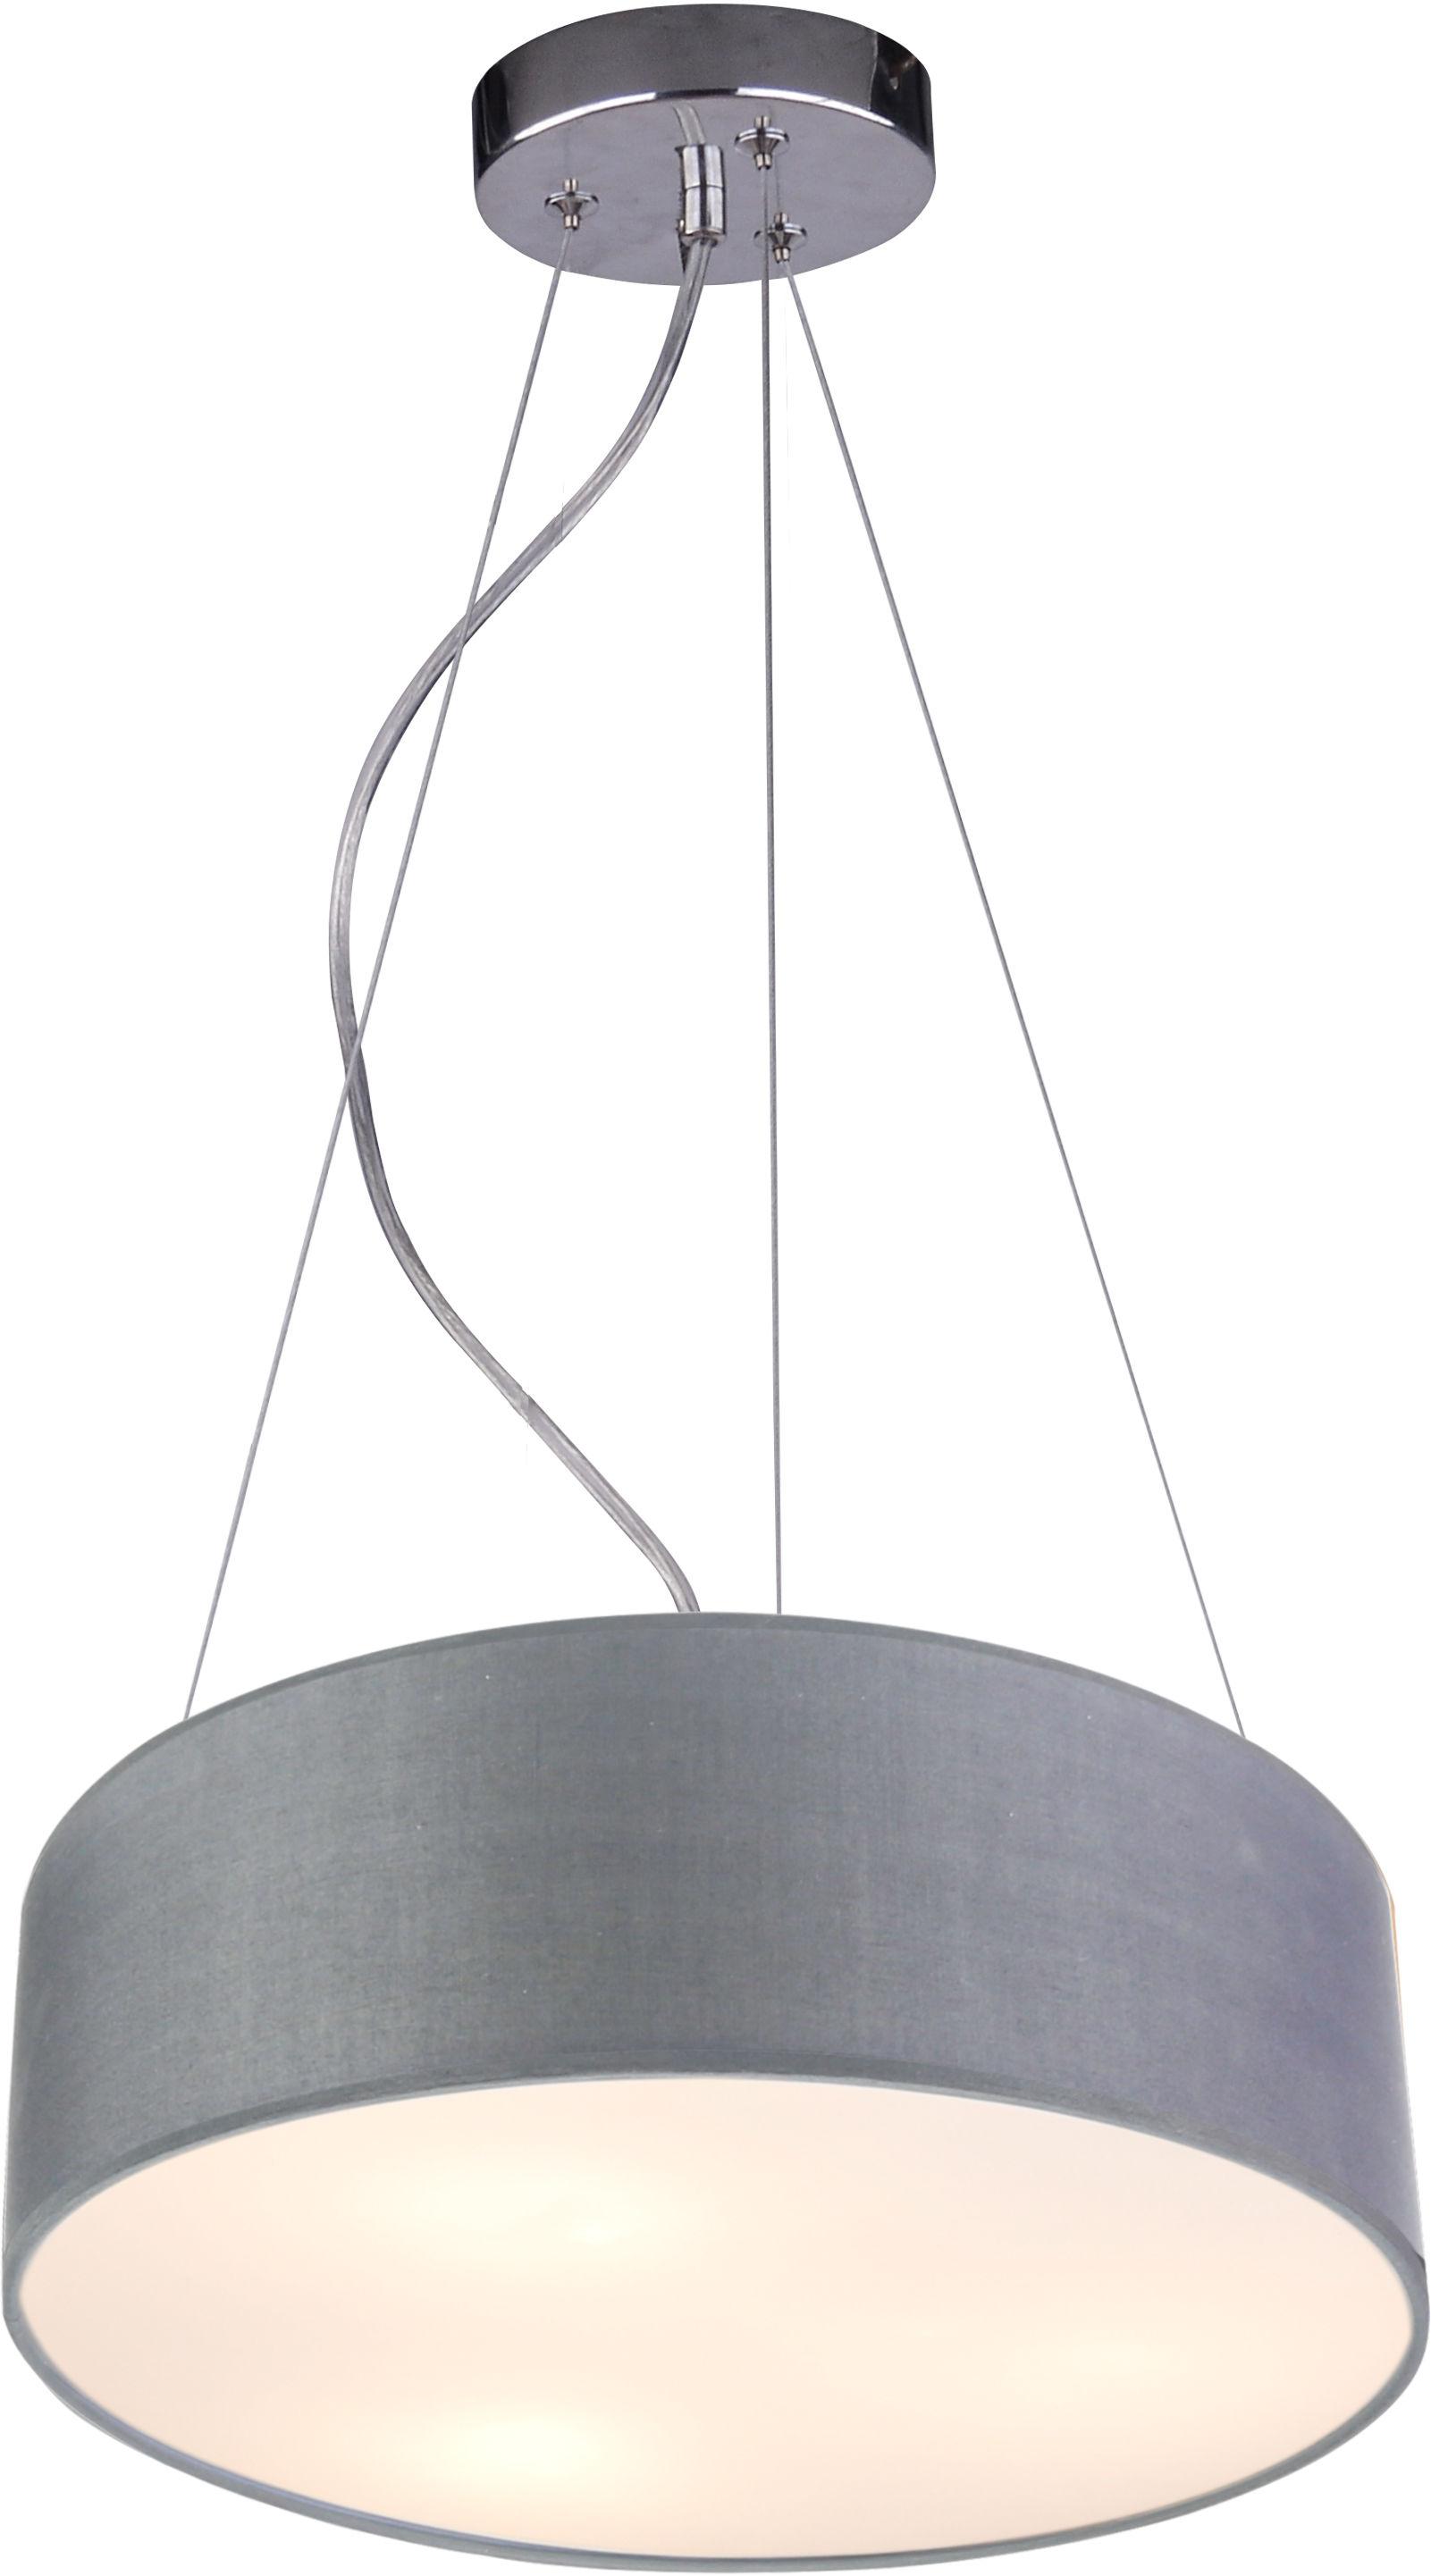 Candellux KIOTO 31-67722 lampa wisząca 3x40W E27 abażur jasno szary 40cm